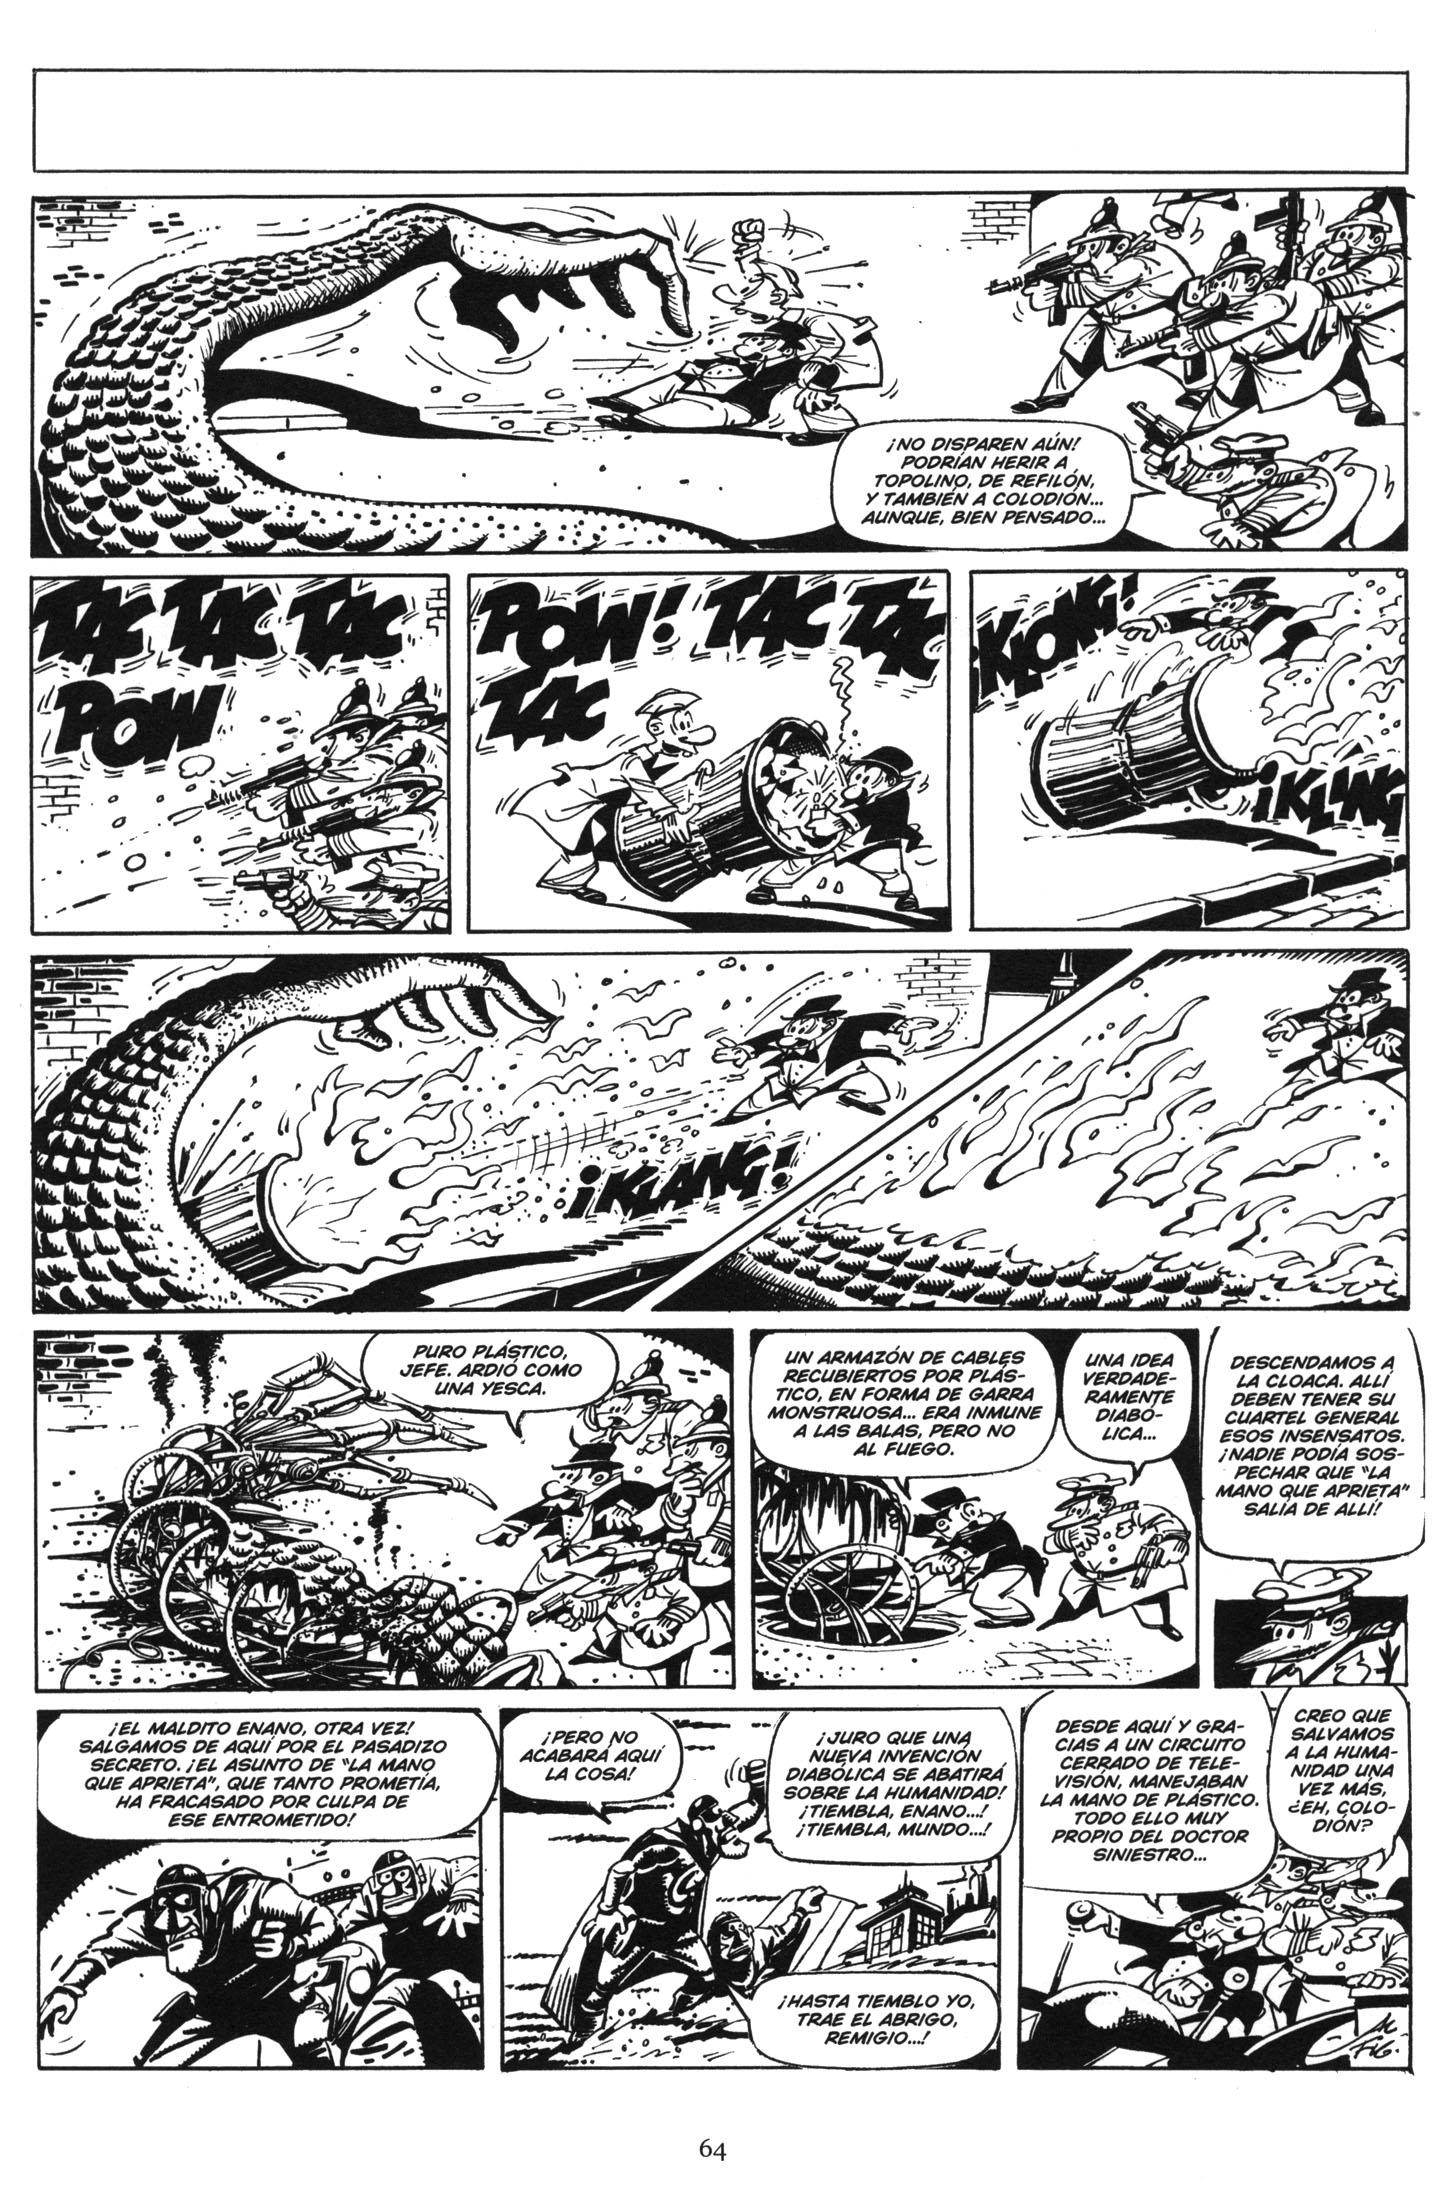 """""""Topolino"""" from  Mortadelo Super Terror , 1975, reprinted in 2006."""